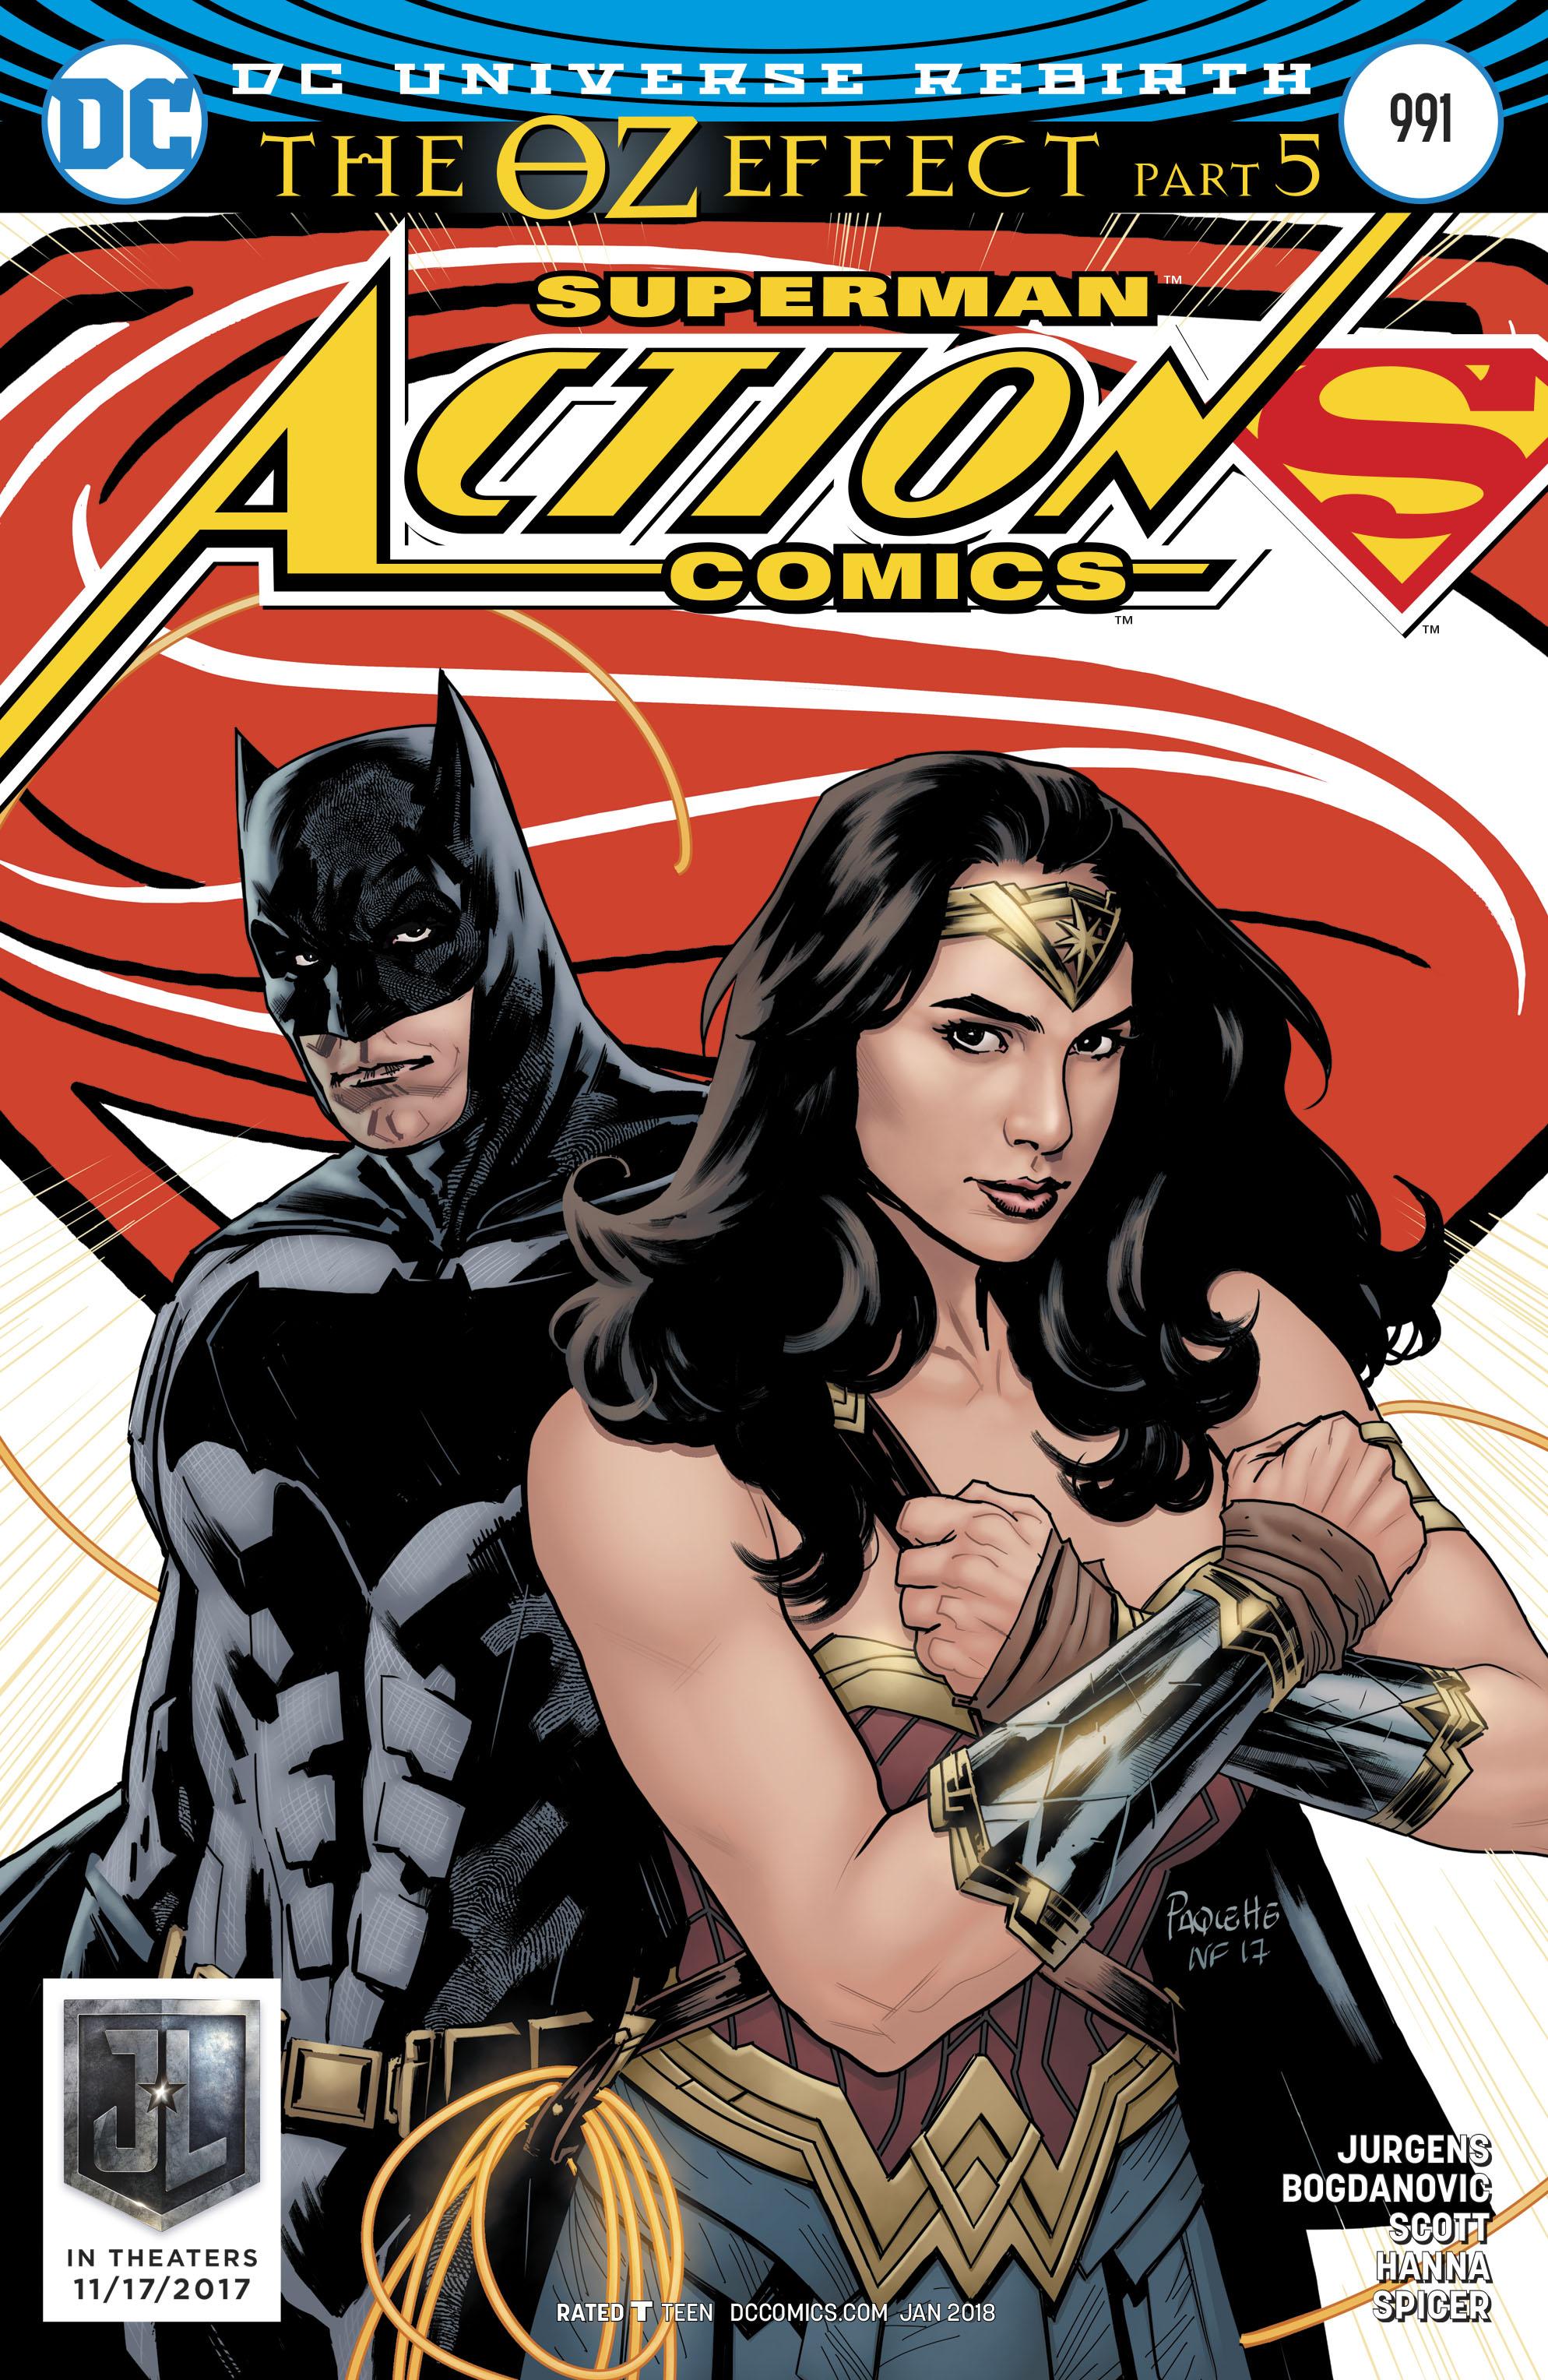 Action Comics Vol 1 991 Variant.jpg